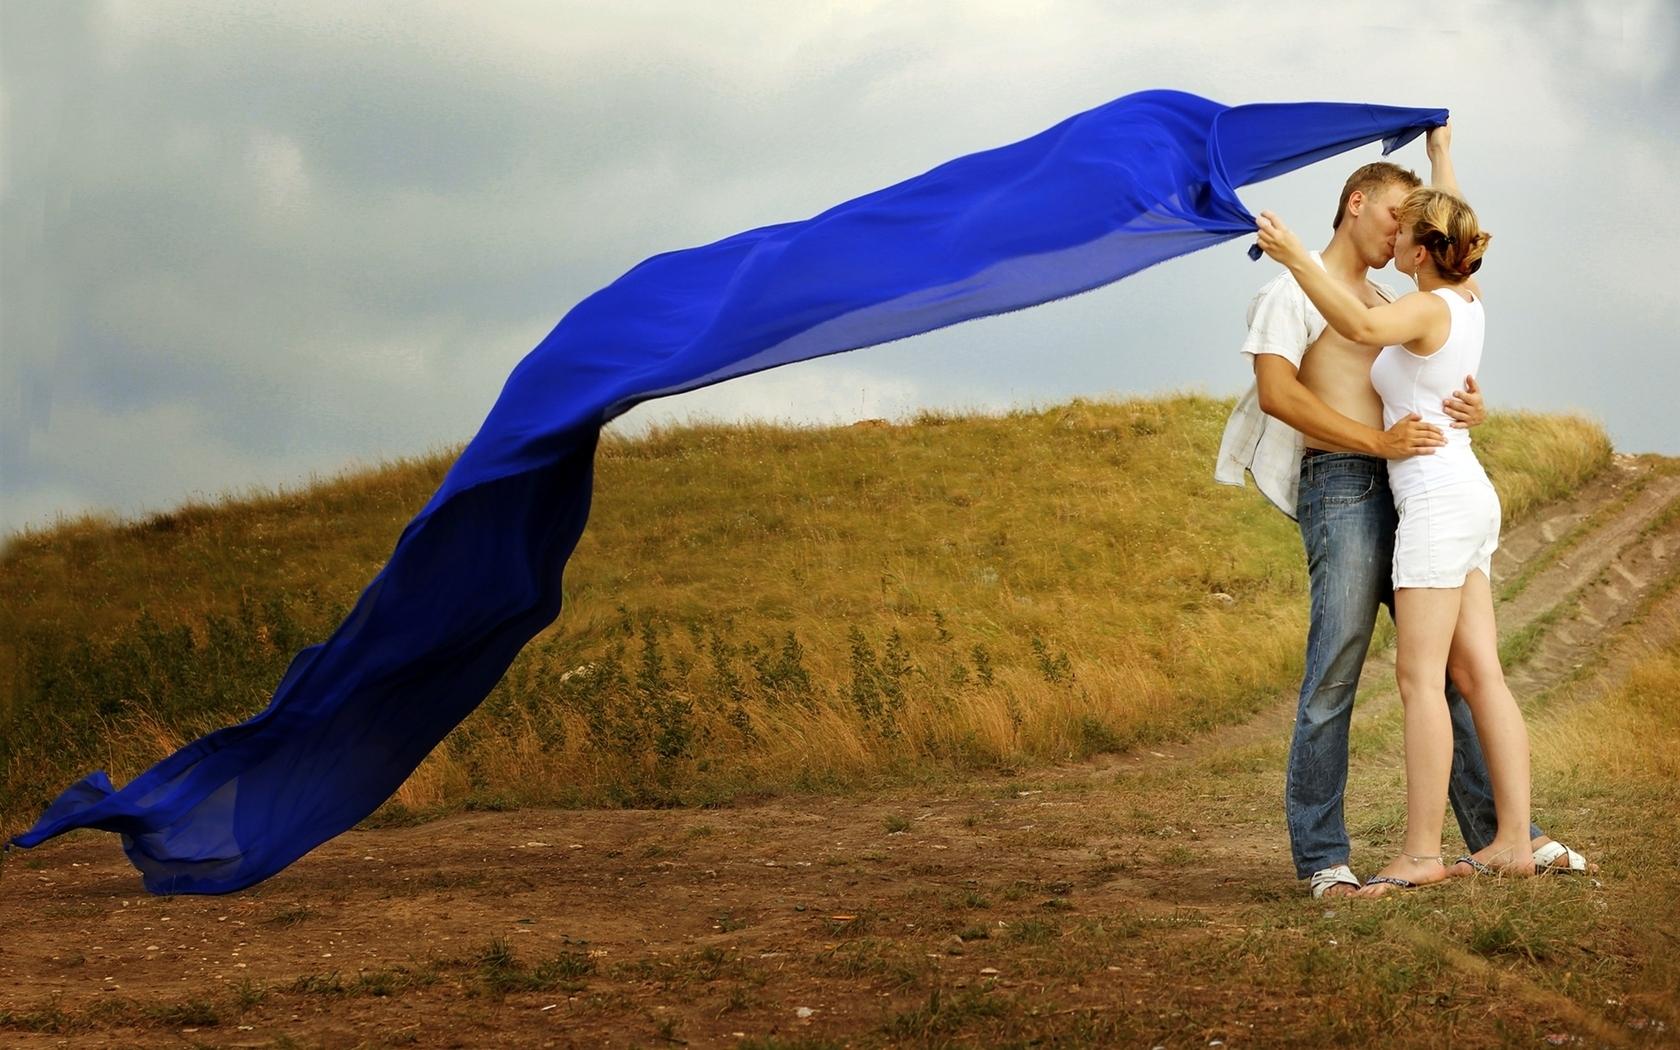 wallpaper : boyfriend, girlfriend, hug, kiss, love, fields, meadows